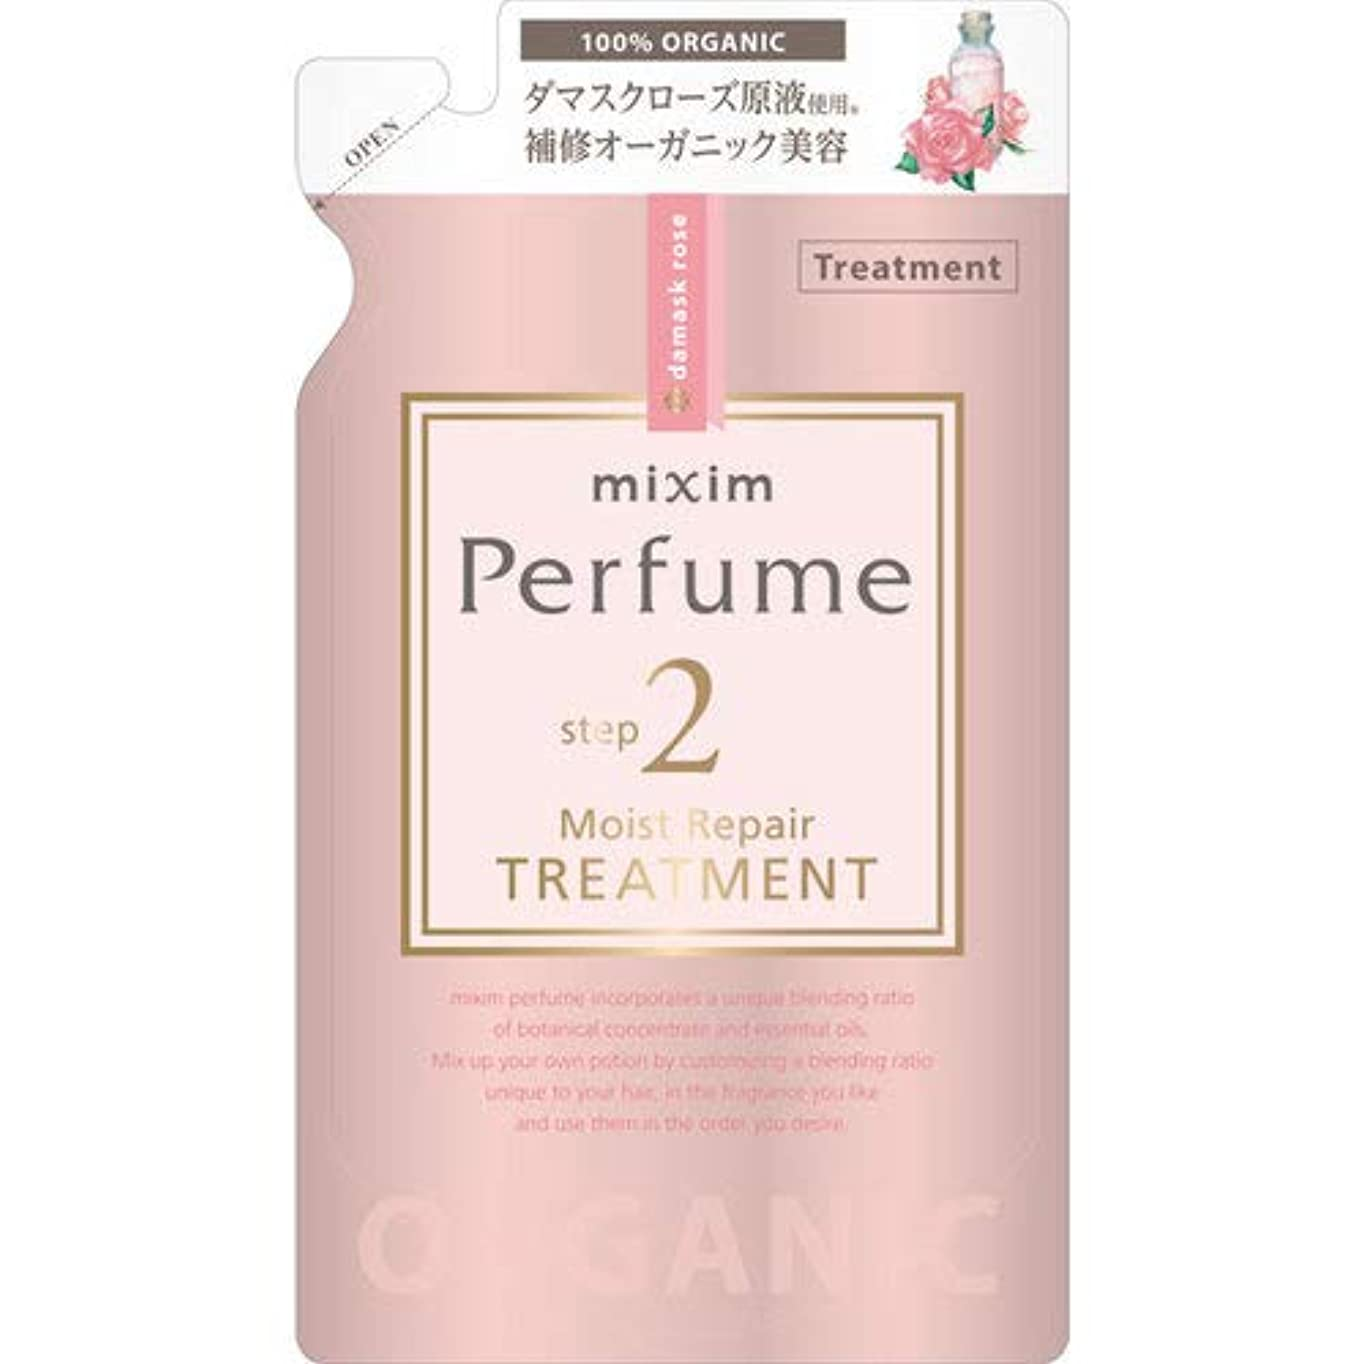 規制する高い審判mixim Perfume(ミクシムパフューム) モイストリペア ヘアトリートメントつめかえ用 350g